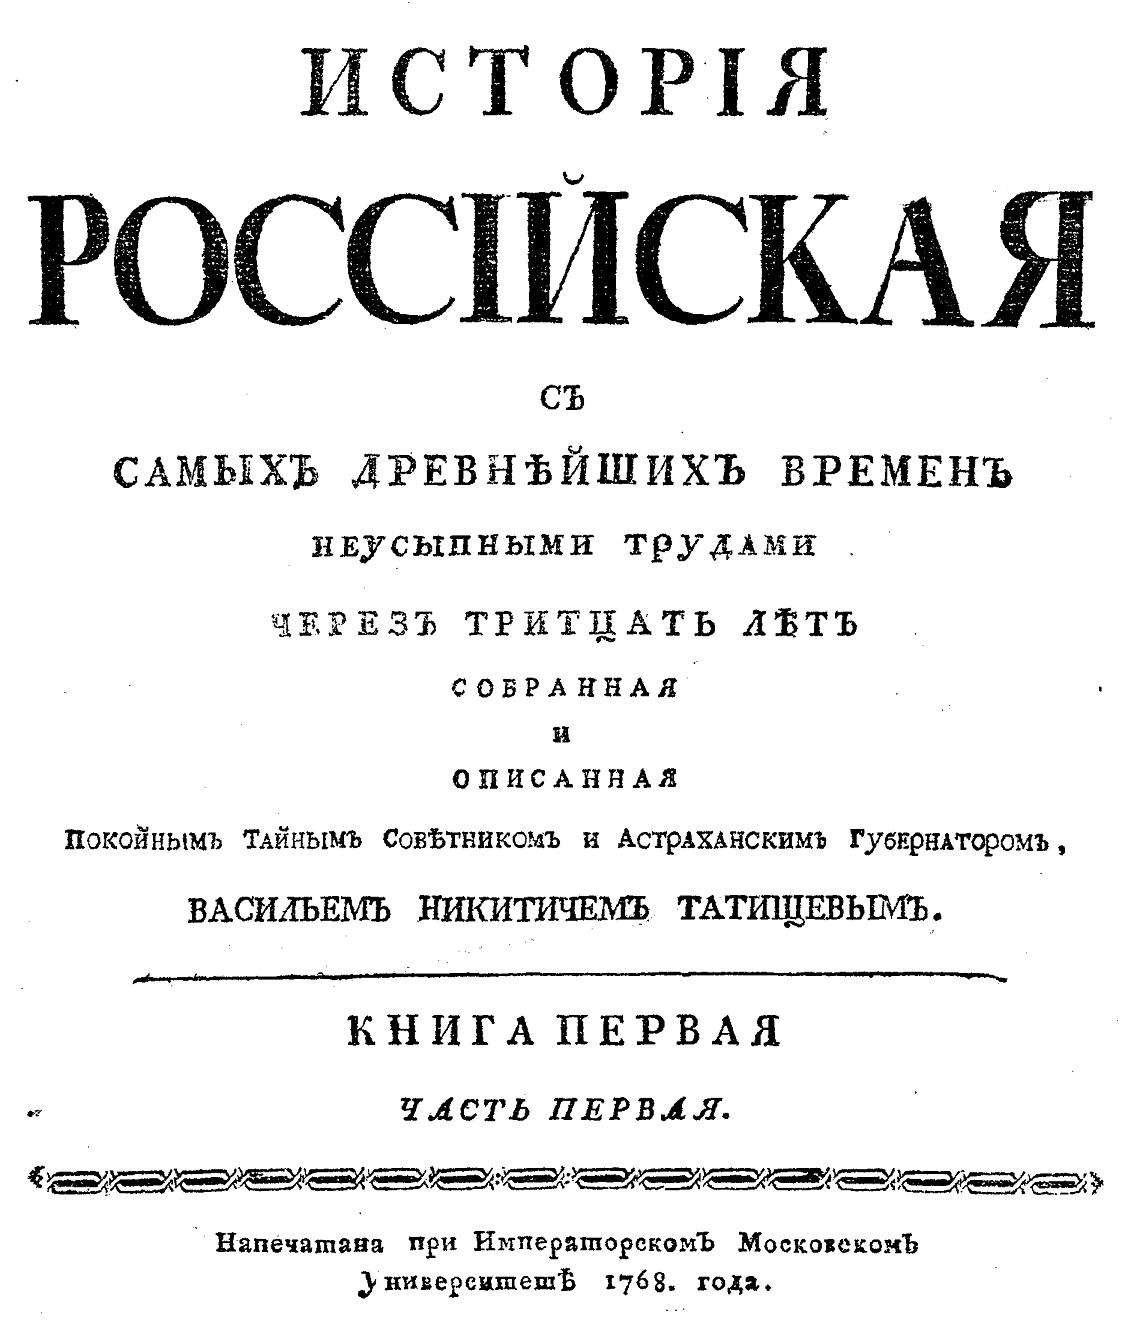 История российская татищев скачать pdf